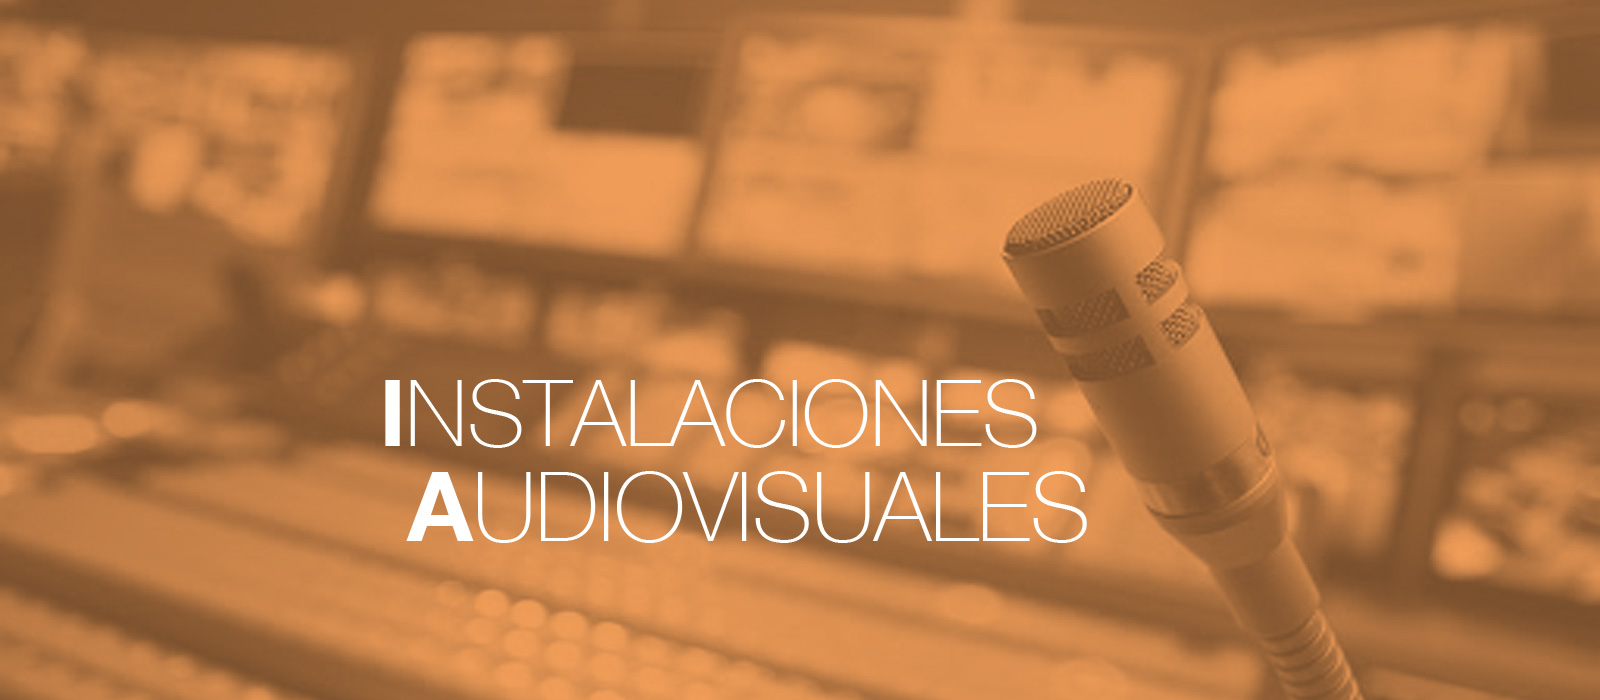 Instalaciones Audiovisuales Madrid. OmDigital Soluciones